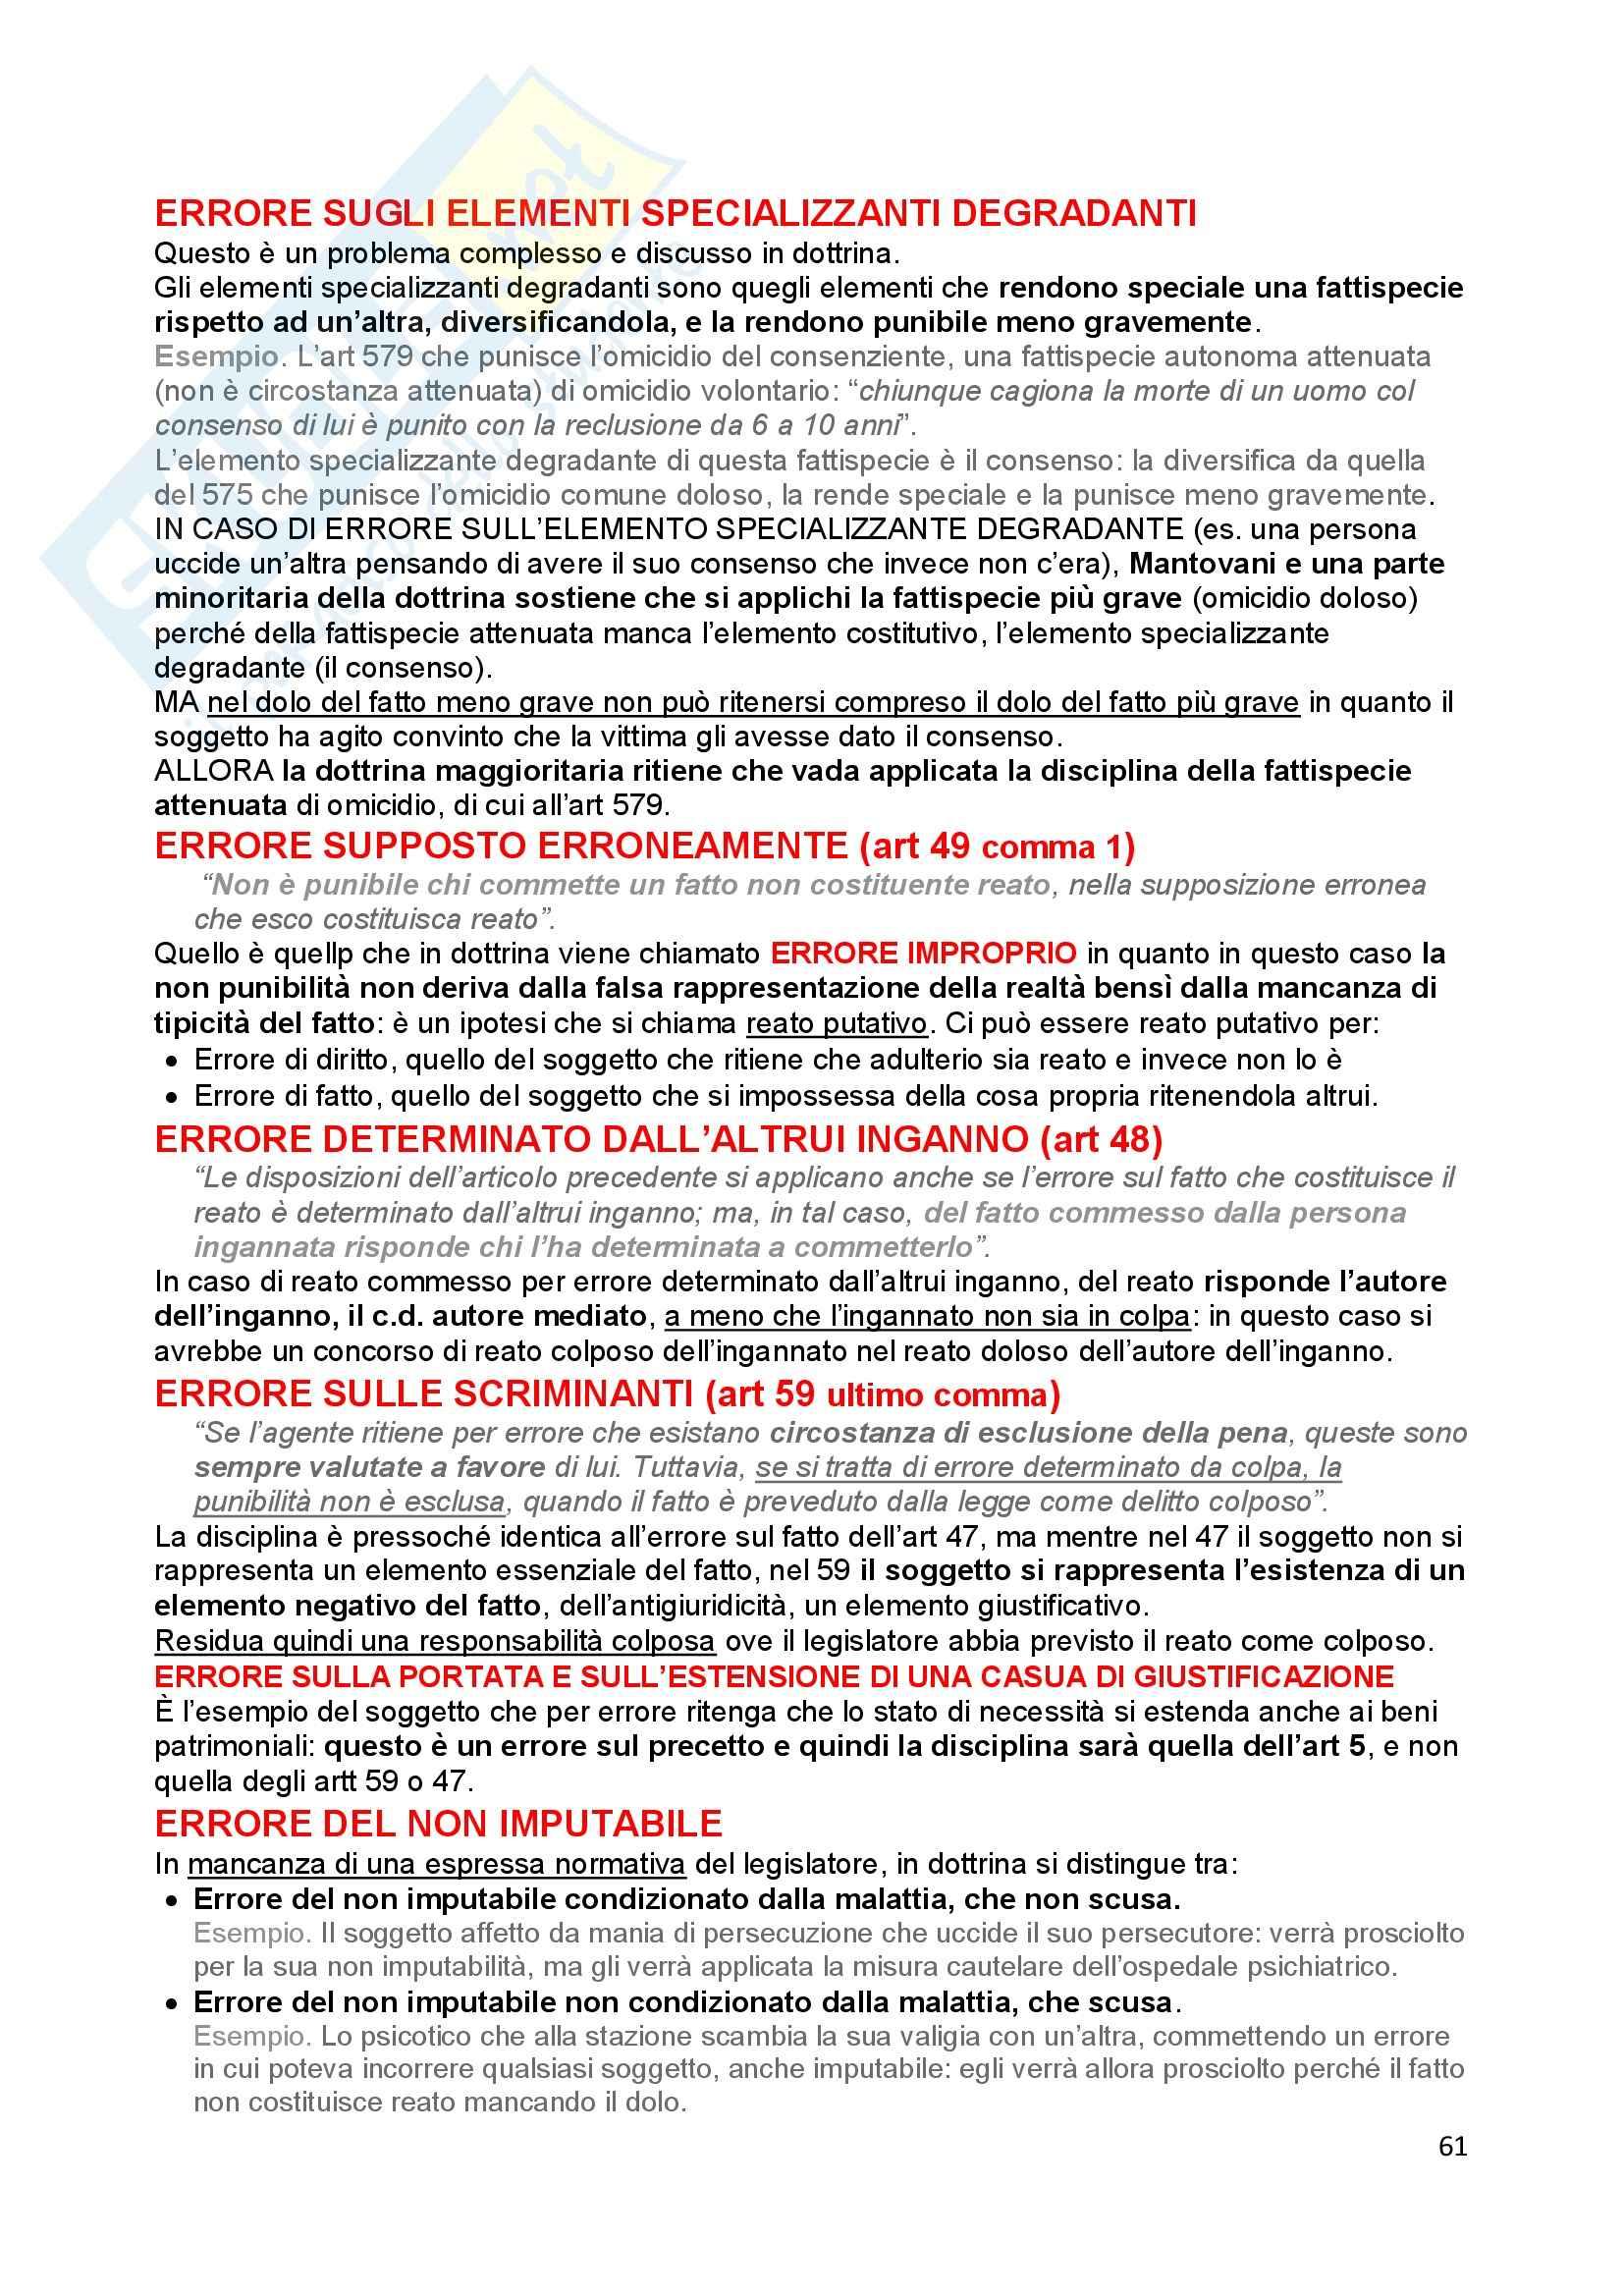 Diritto penale - Appunti Pag. 61